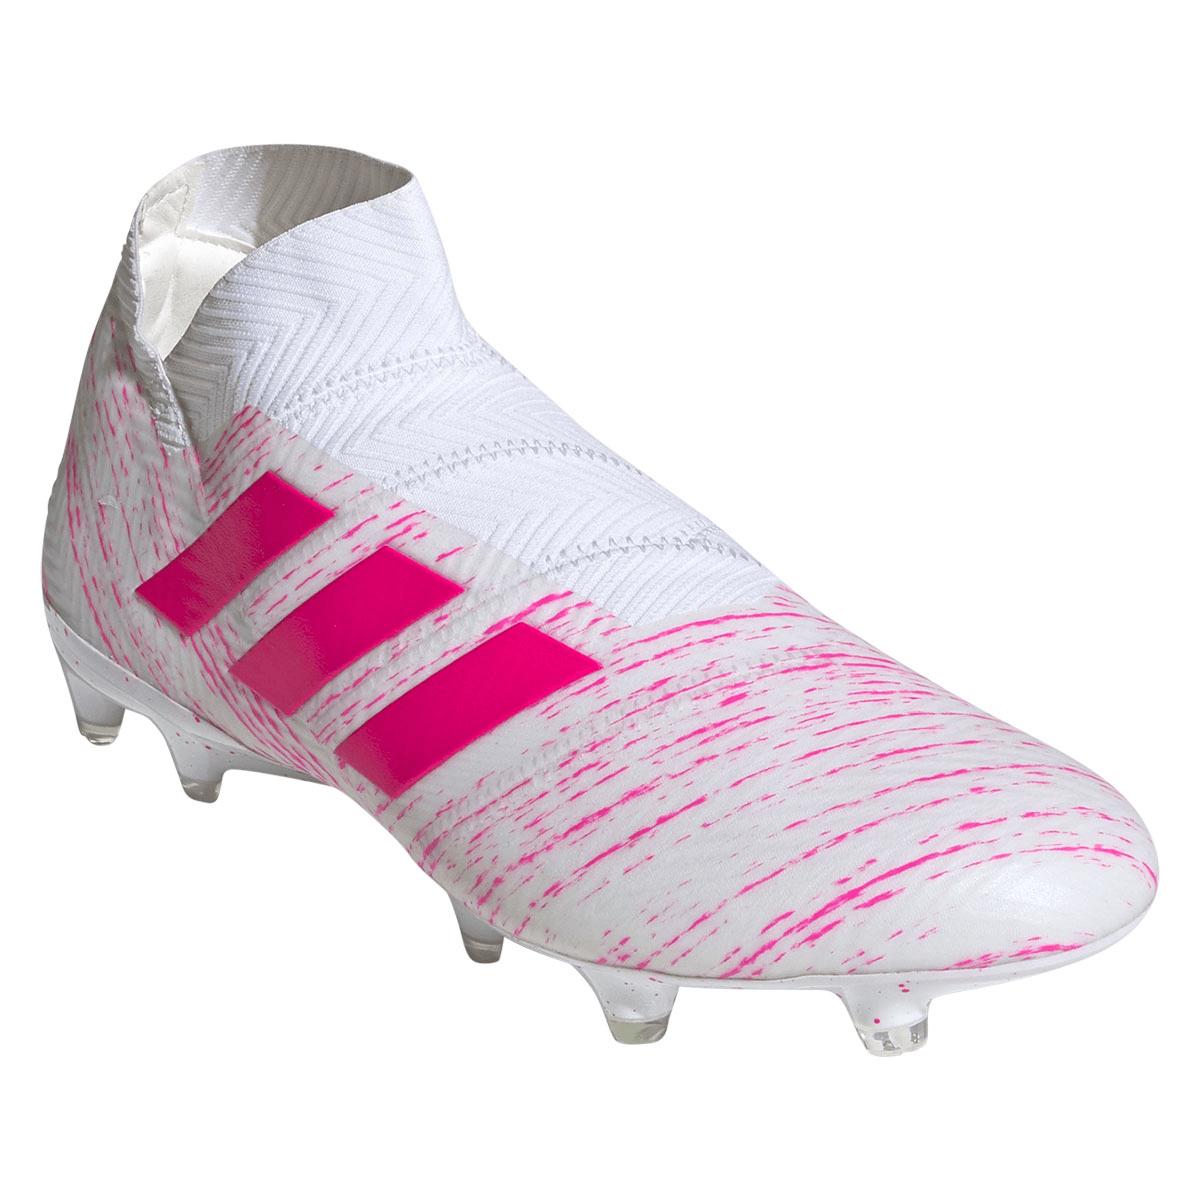 adidas Fußballschuh Nemeziz 18+ FG weißpink